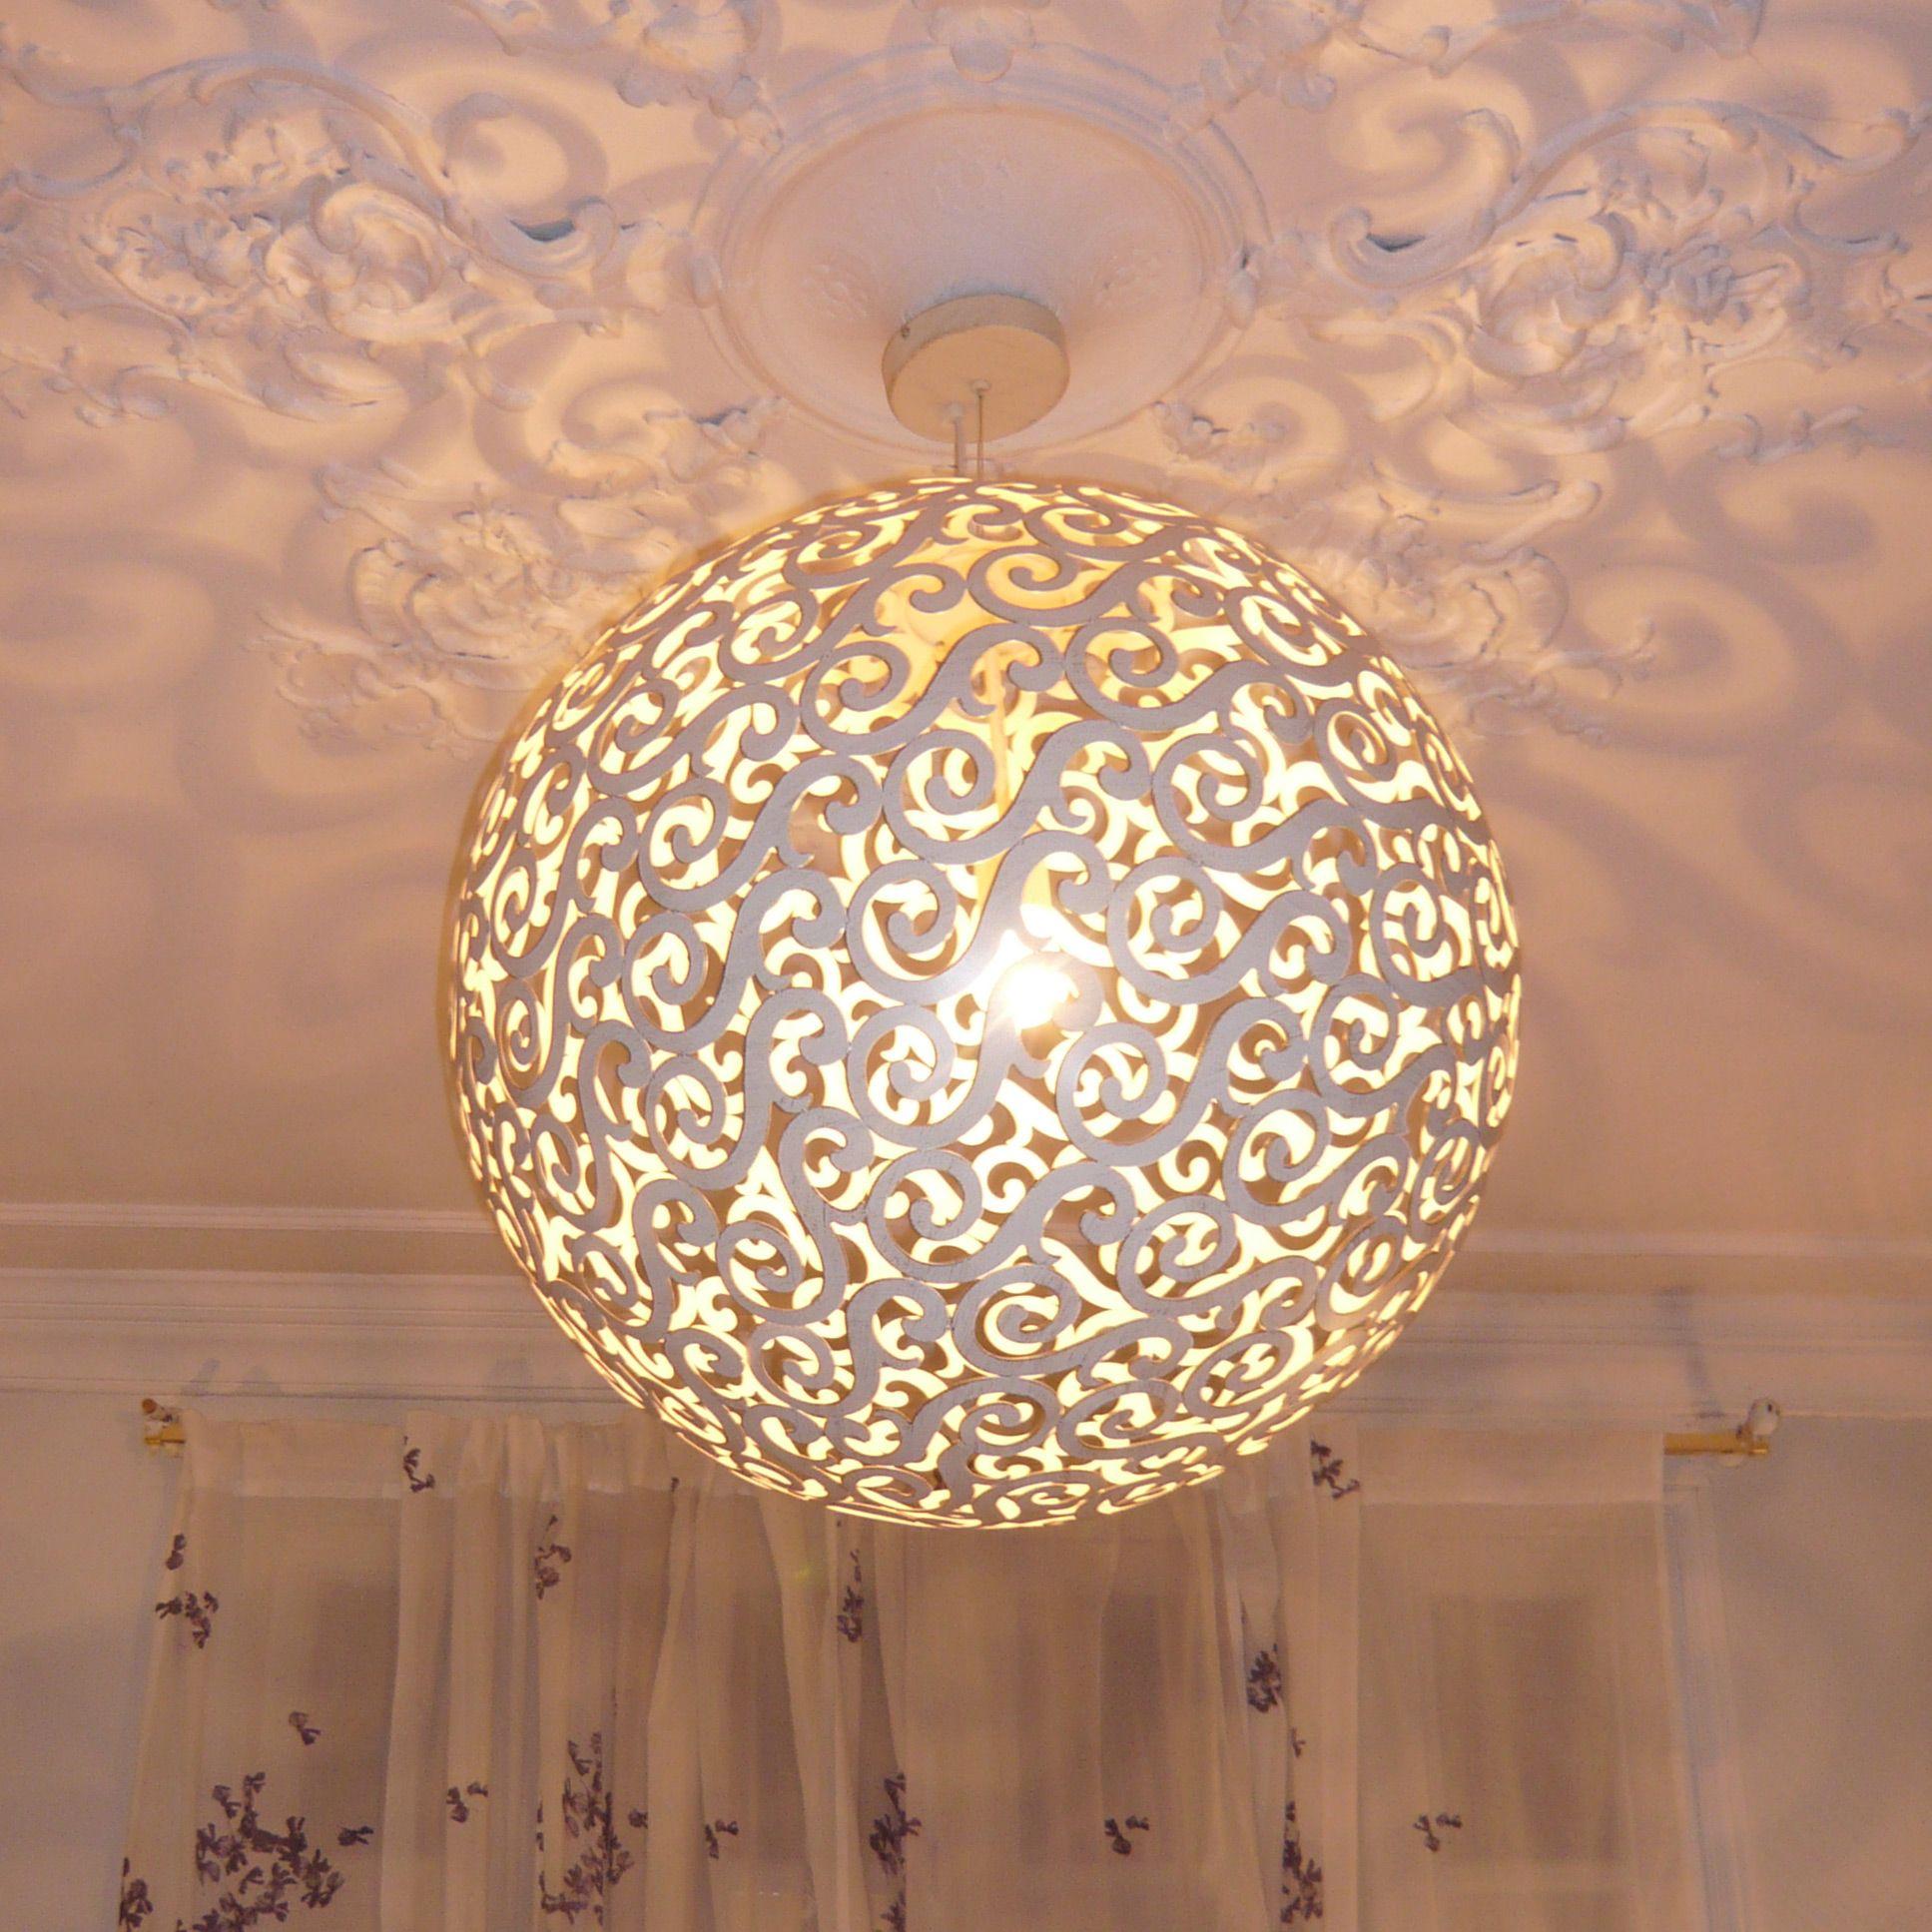 Suspension sph re en m tal diam tre 60 cm fez de lucide - Luminaire pour chambre adulte ...